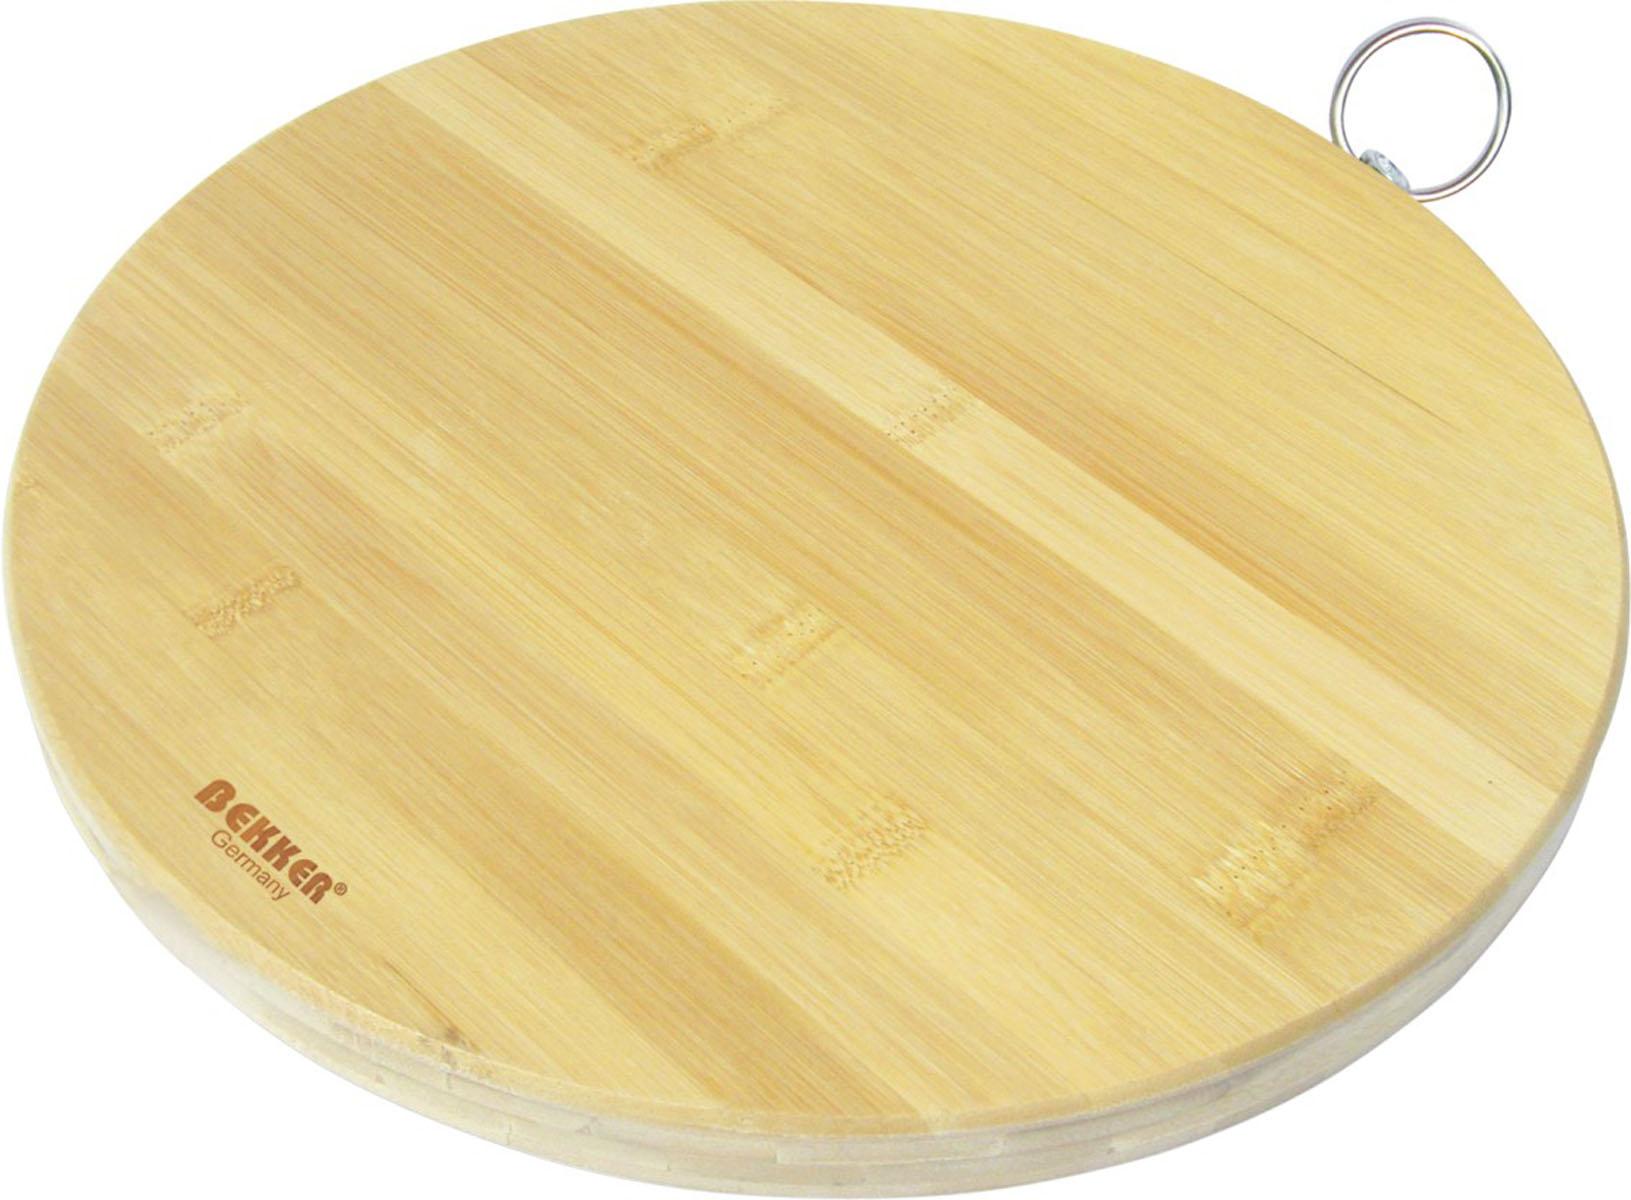 Доска разделочная Bekker, бамбуковая, диаметр 30 см. BK-9703BK-9703Круглая разделочная доска Bekker изготовлена из высококачественной древесины бамбука, обладающей антибактериальными свойствами. Бамбук - инновационный материал, идеально подходящий для разделочных досок. Доски из бамбука обладают высокой плотностью структуры древесины, а также устойчивы к механическим воздействиям. Доска оснащена крючком для подвешивания. Функциональная и простая в использовании, разделочная доска Bekker прекрасно впишется в интерьер любой кухни и прослужит вам долгие годы.